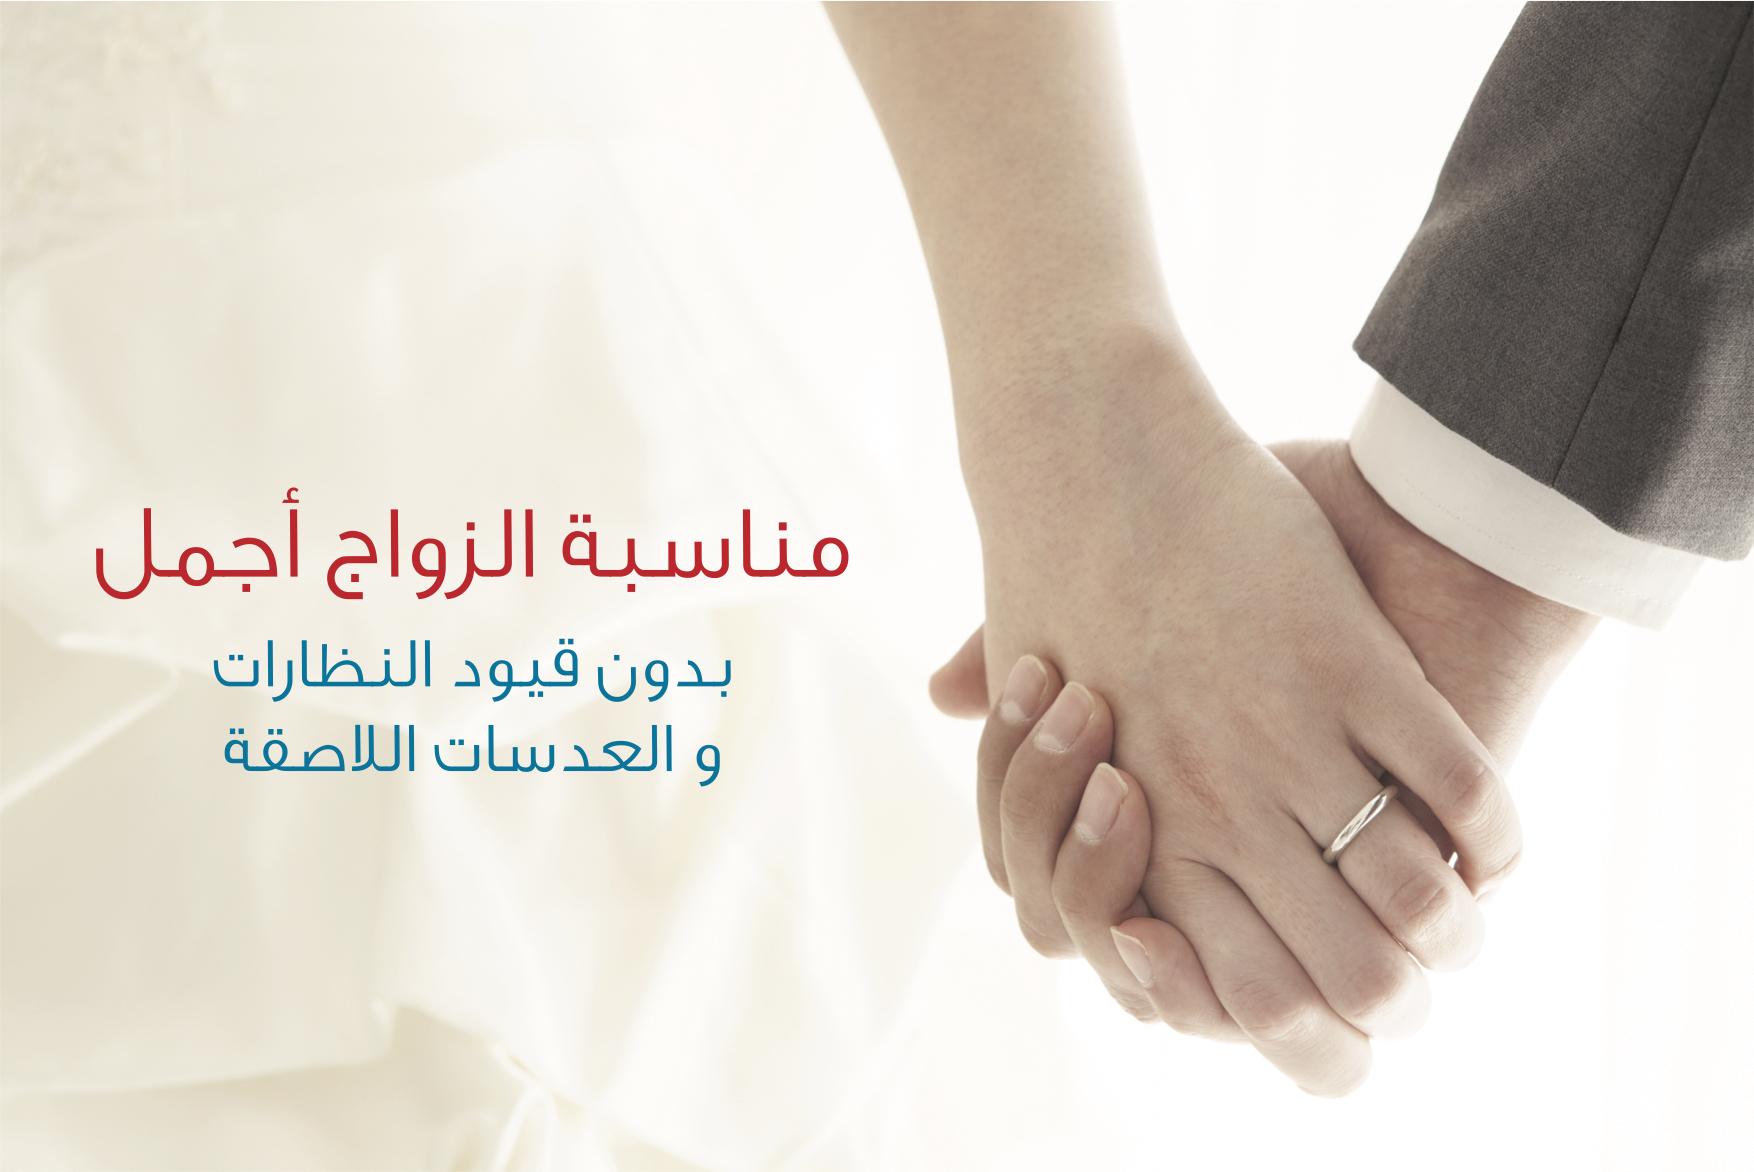 مناسبة الزواج